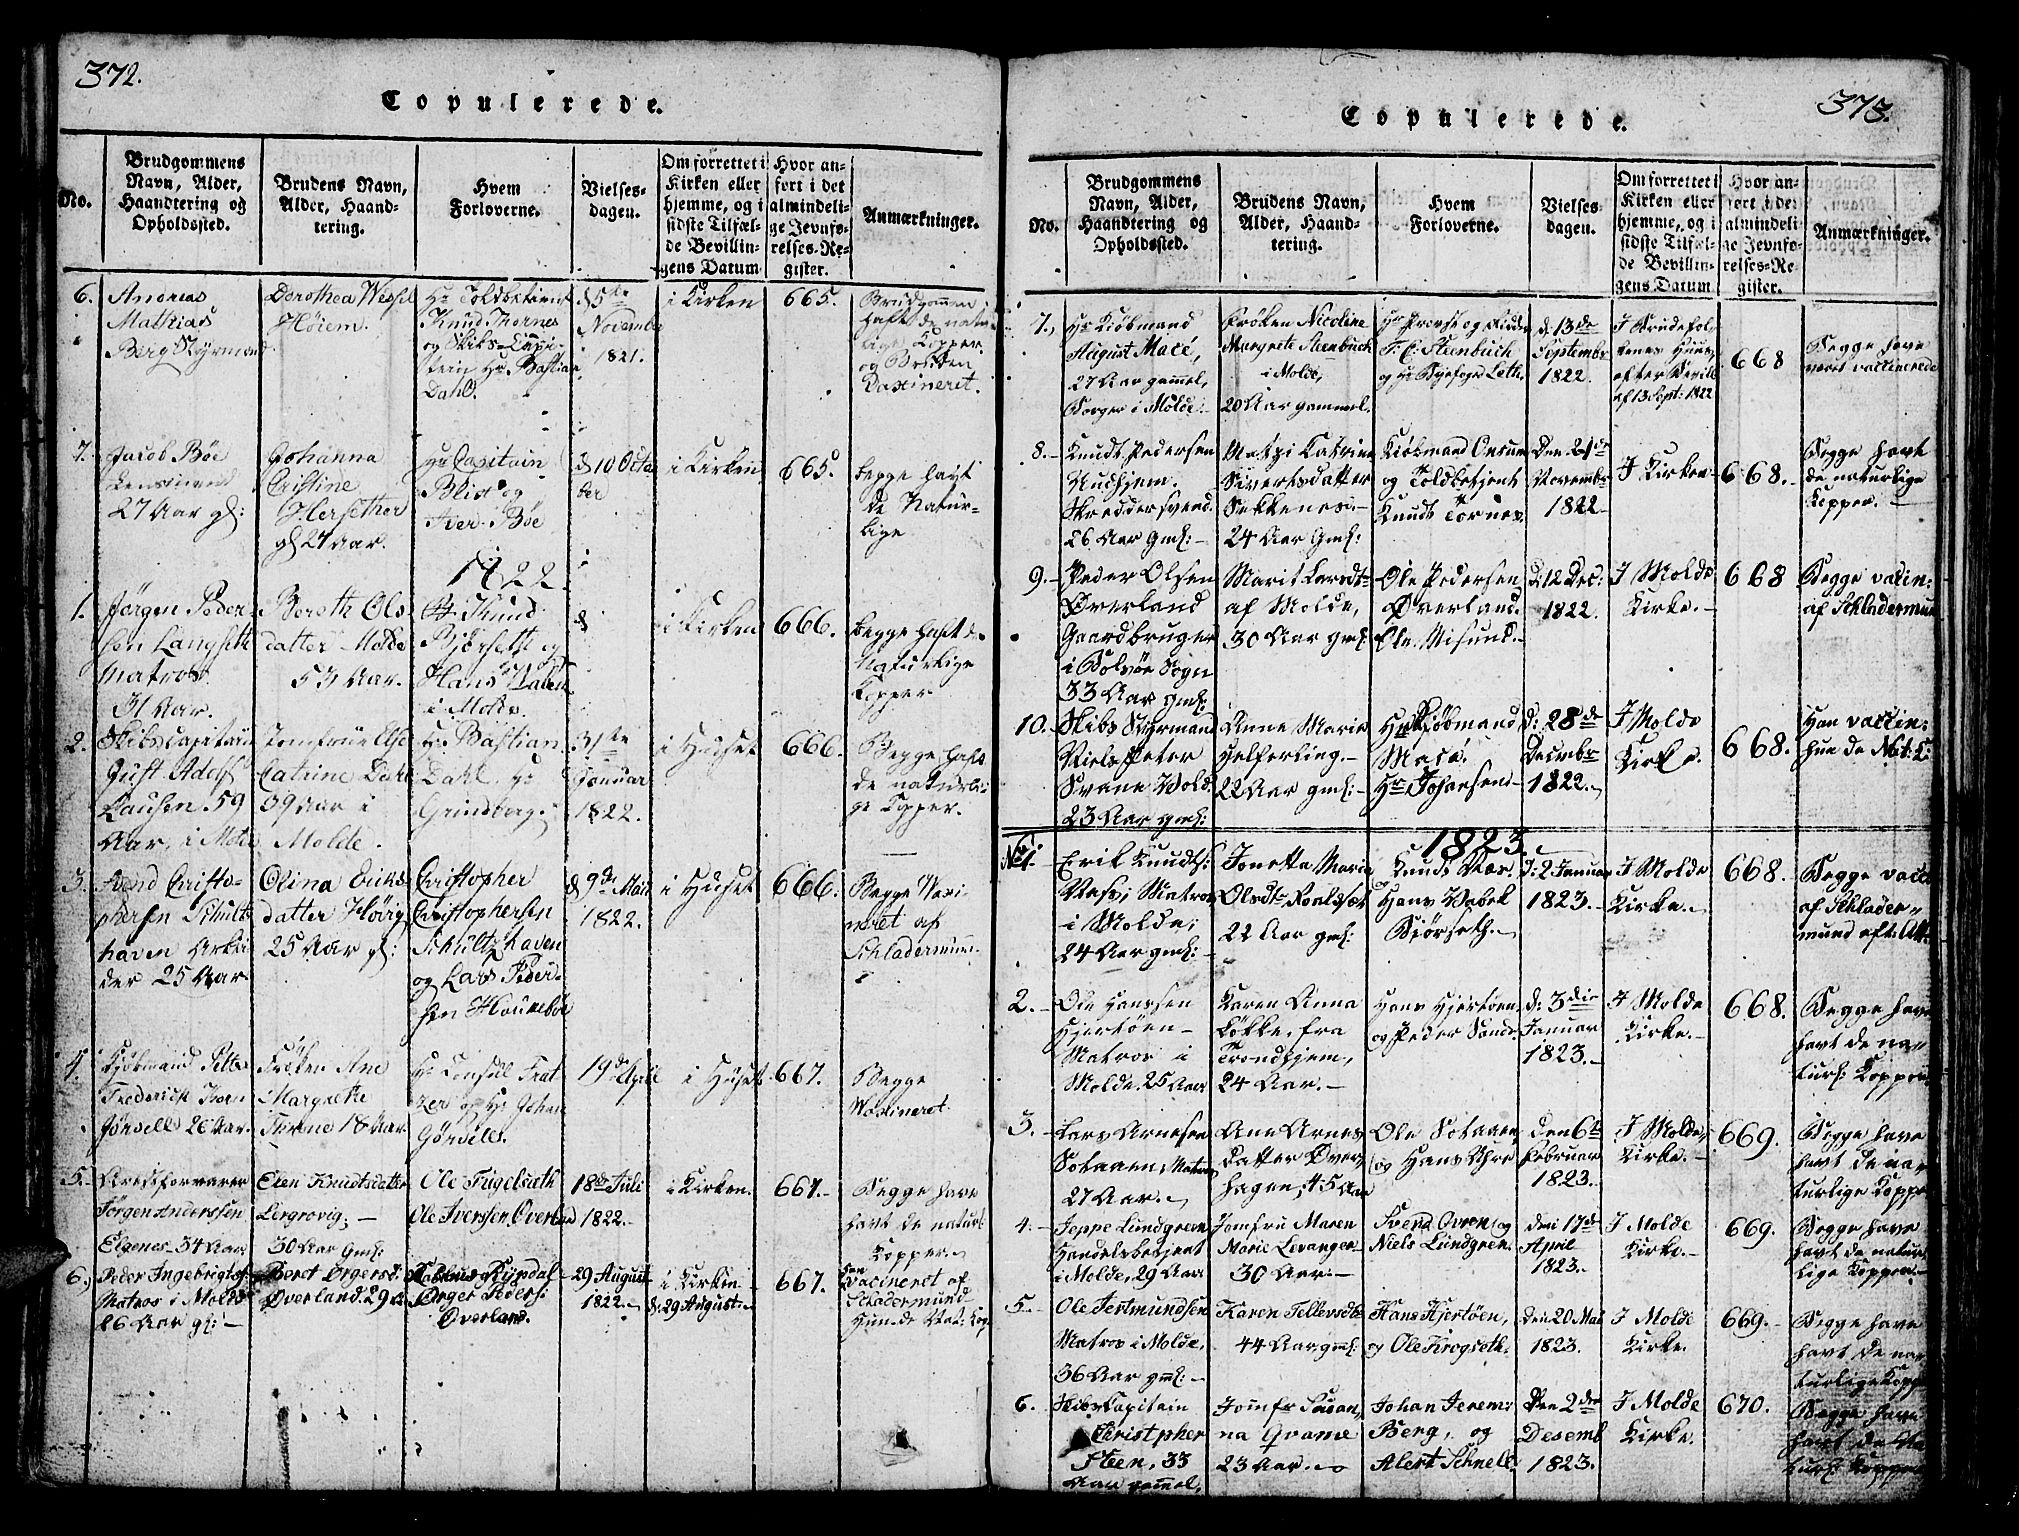 SAT, Ministerialprotokoller, klokkerbøker og fødselsregistre - Møre og Romsdal, 558/L0700: Klokkerbok nr. 558C01, 1818-1868, s. 372-373